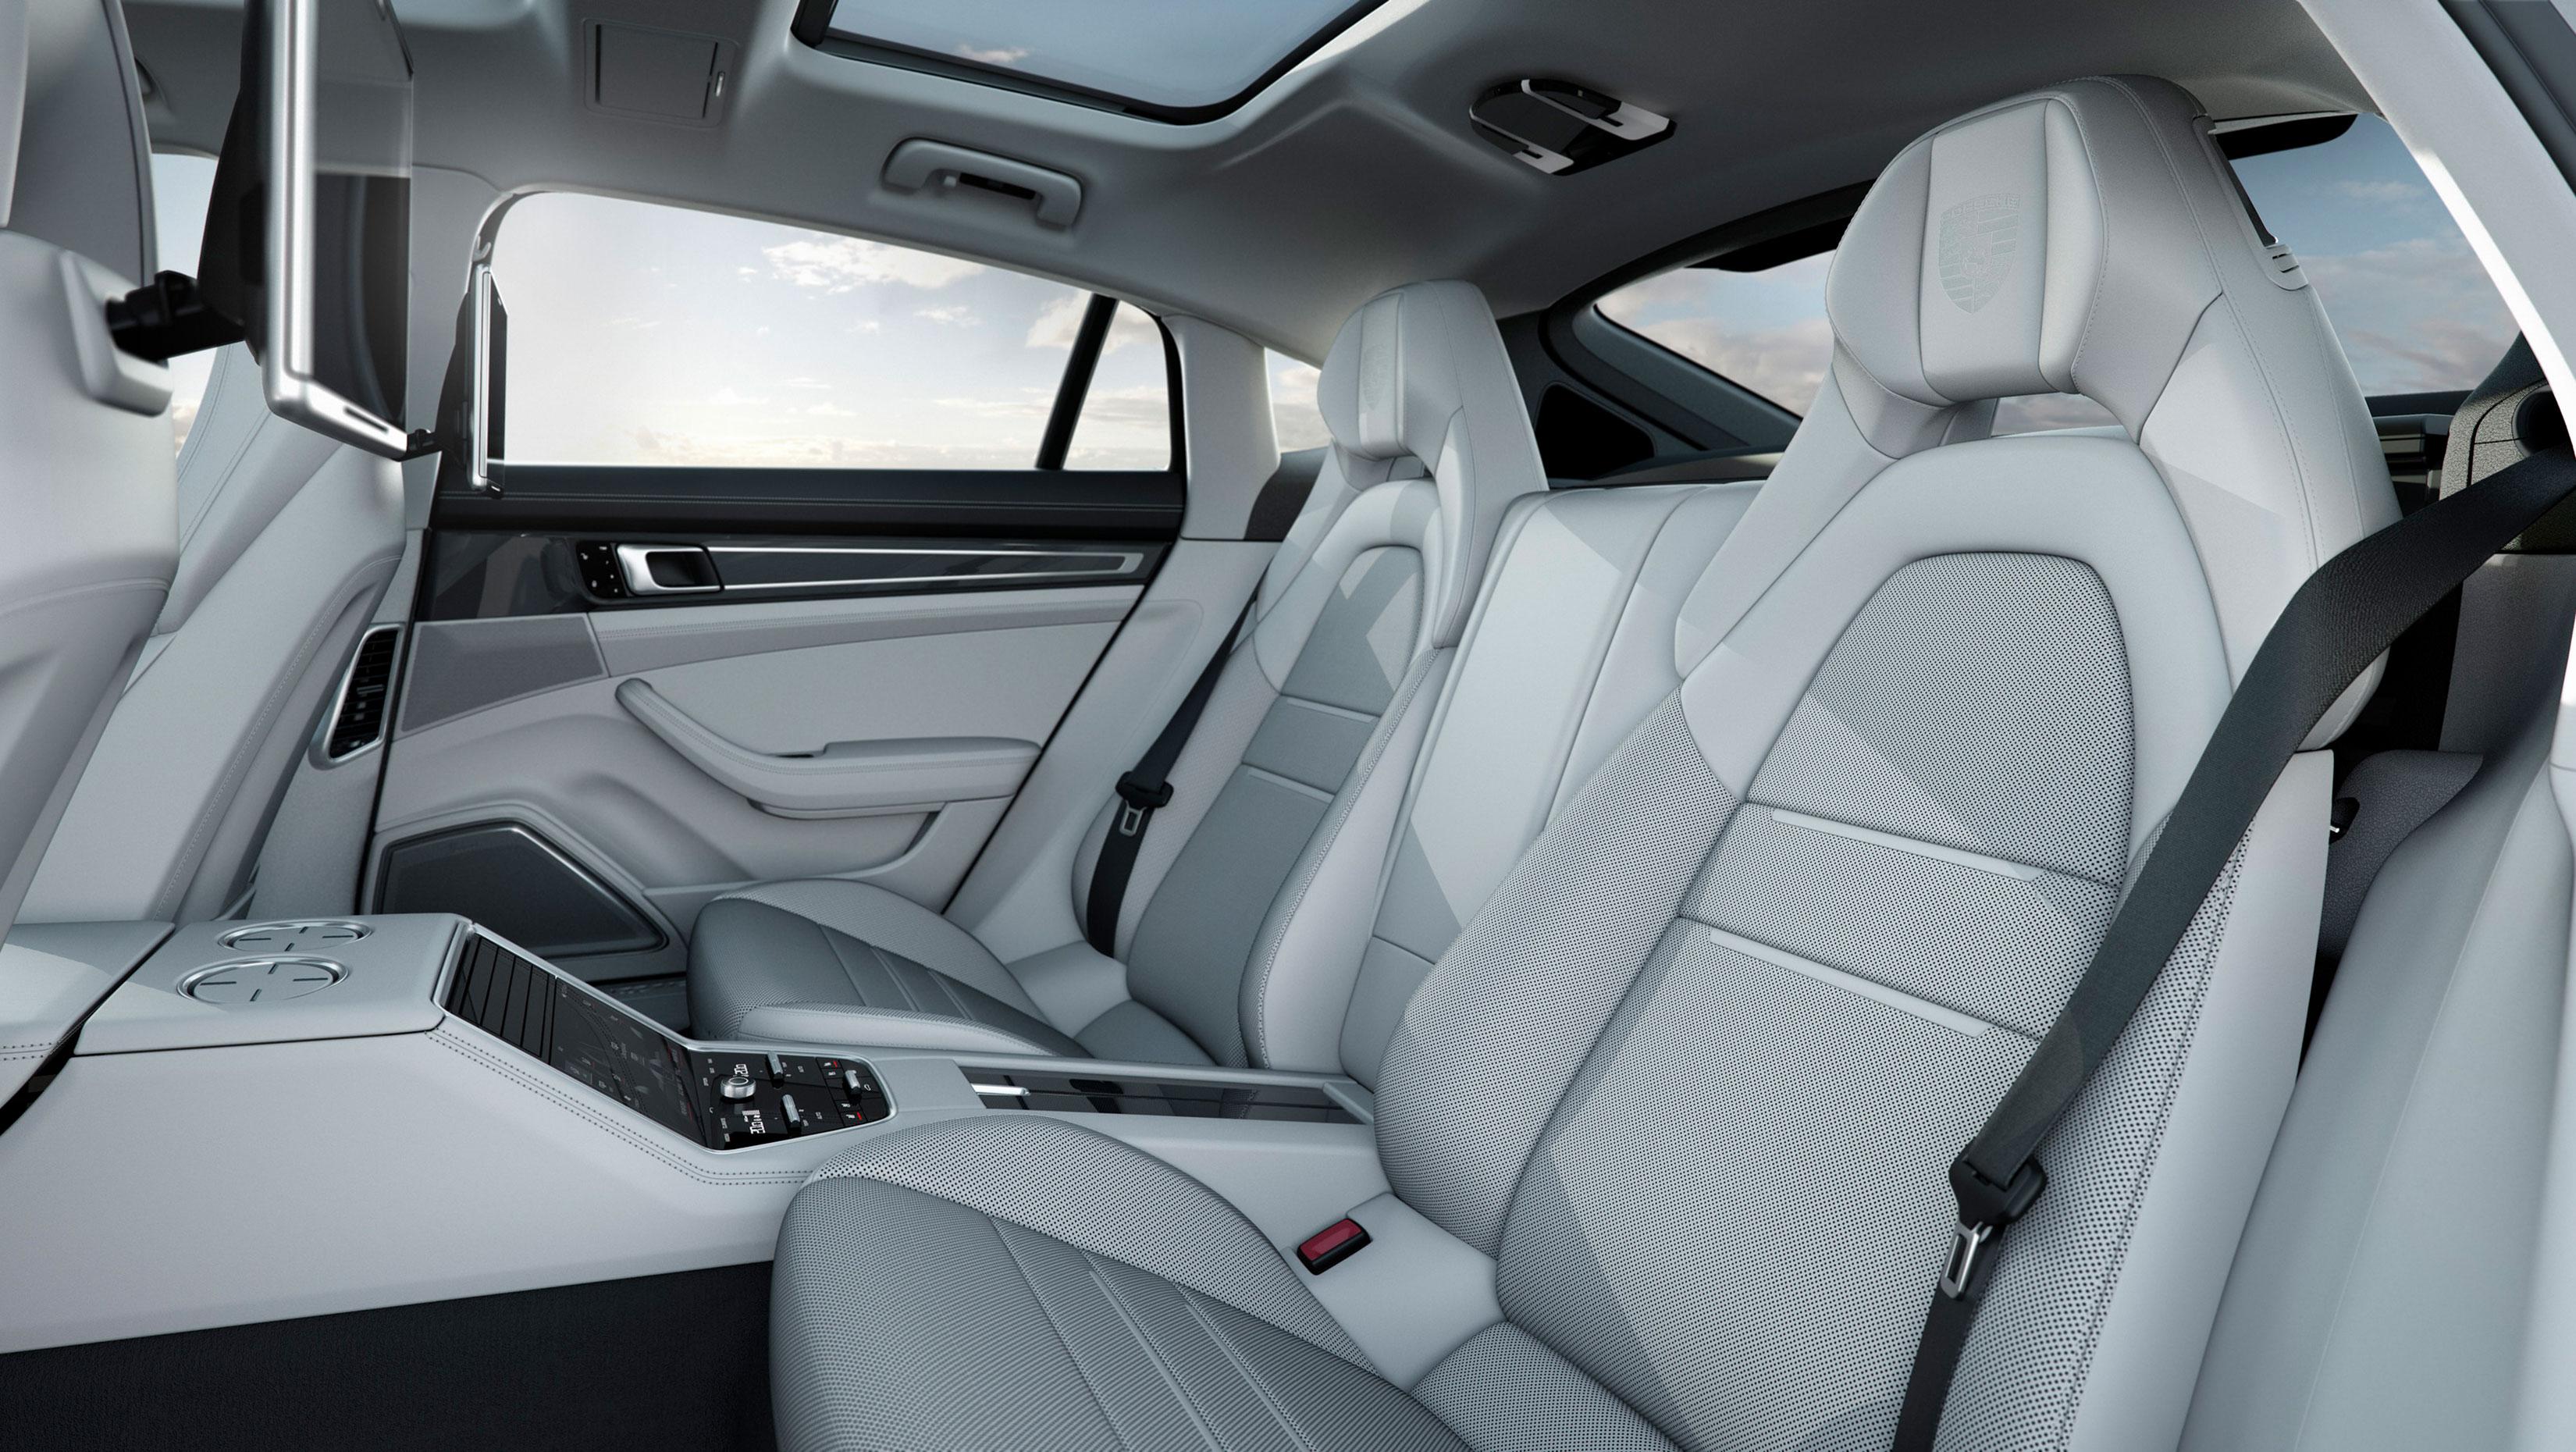 Interior Dashboard 2017 Porsche Panamera Turbo Executive Rear Seats